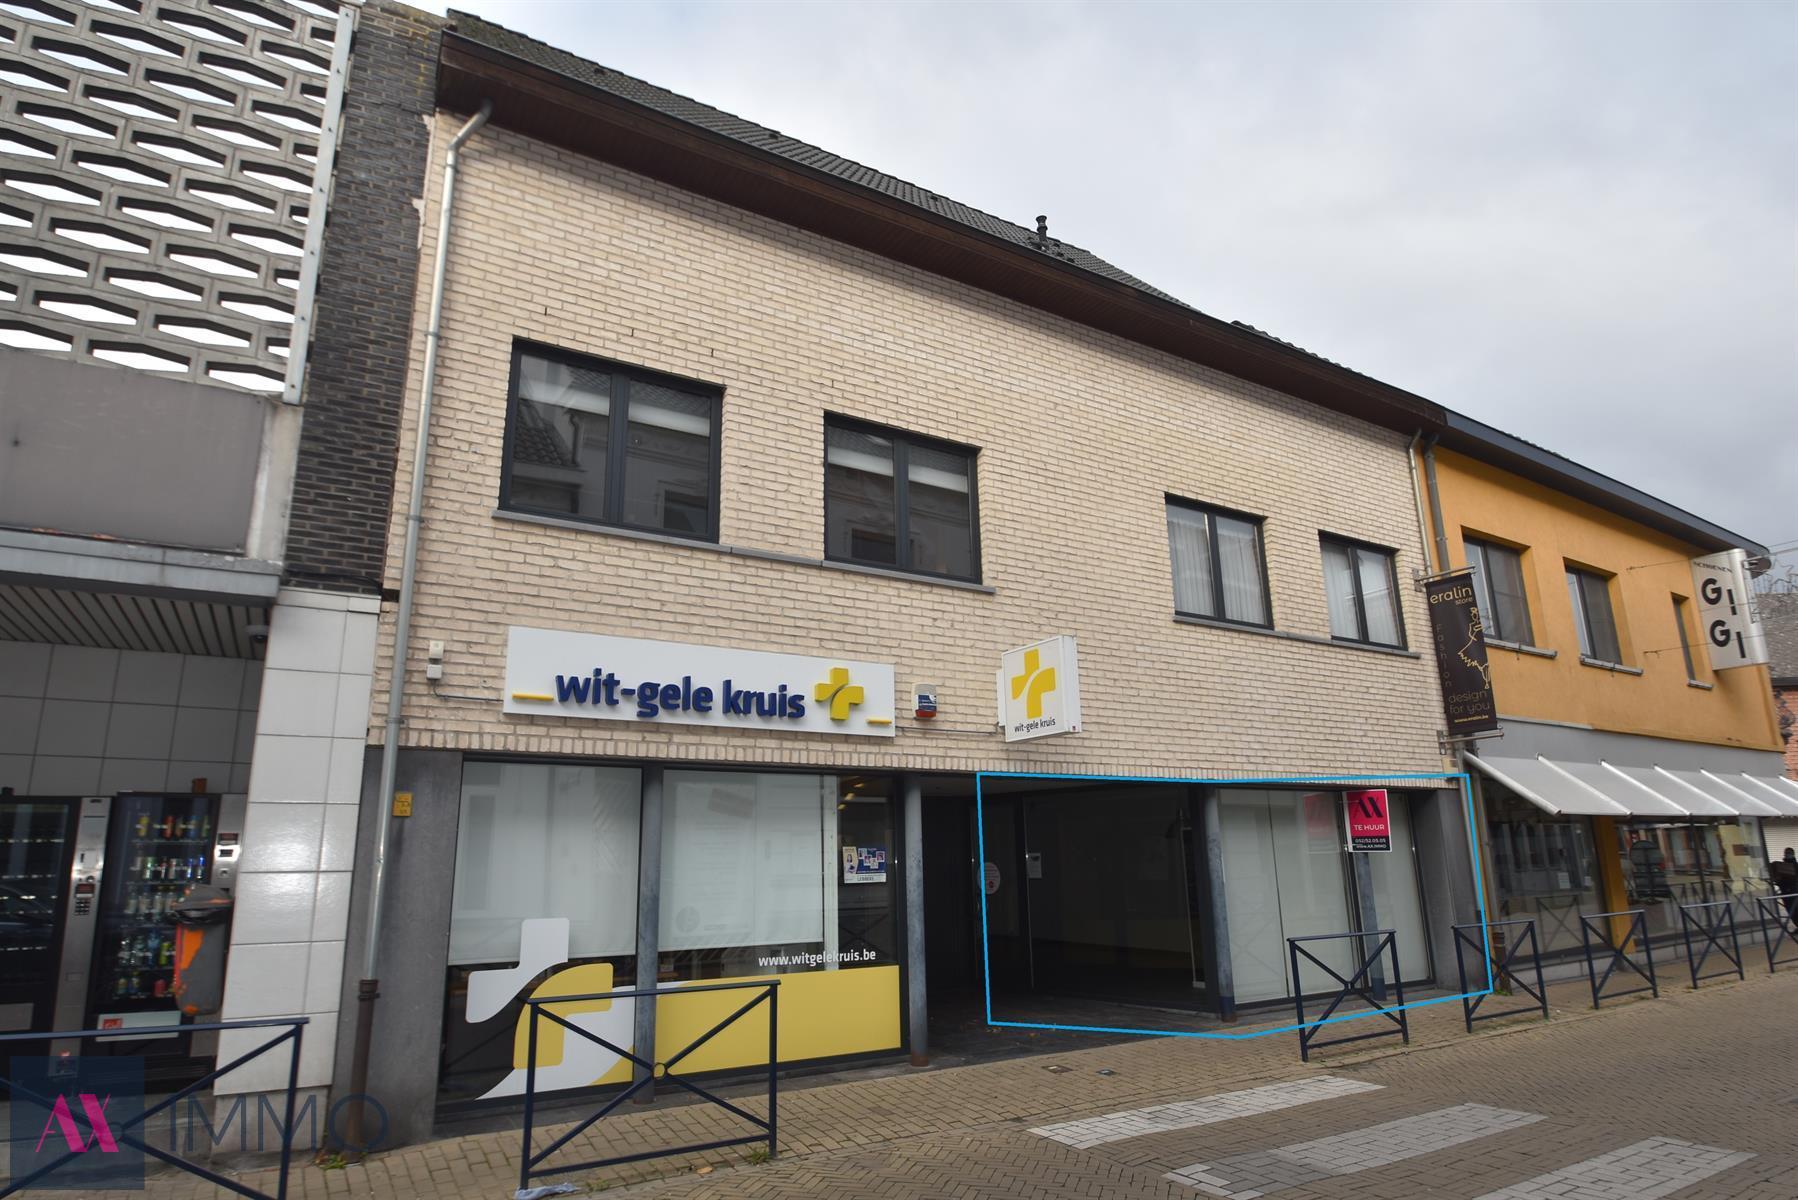 Pal in het centrum op een toplocatie gelegen handelsgelijkvloers (80 m²) ideaal als winkelruimte of ruimte voor een vrij beroep.